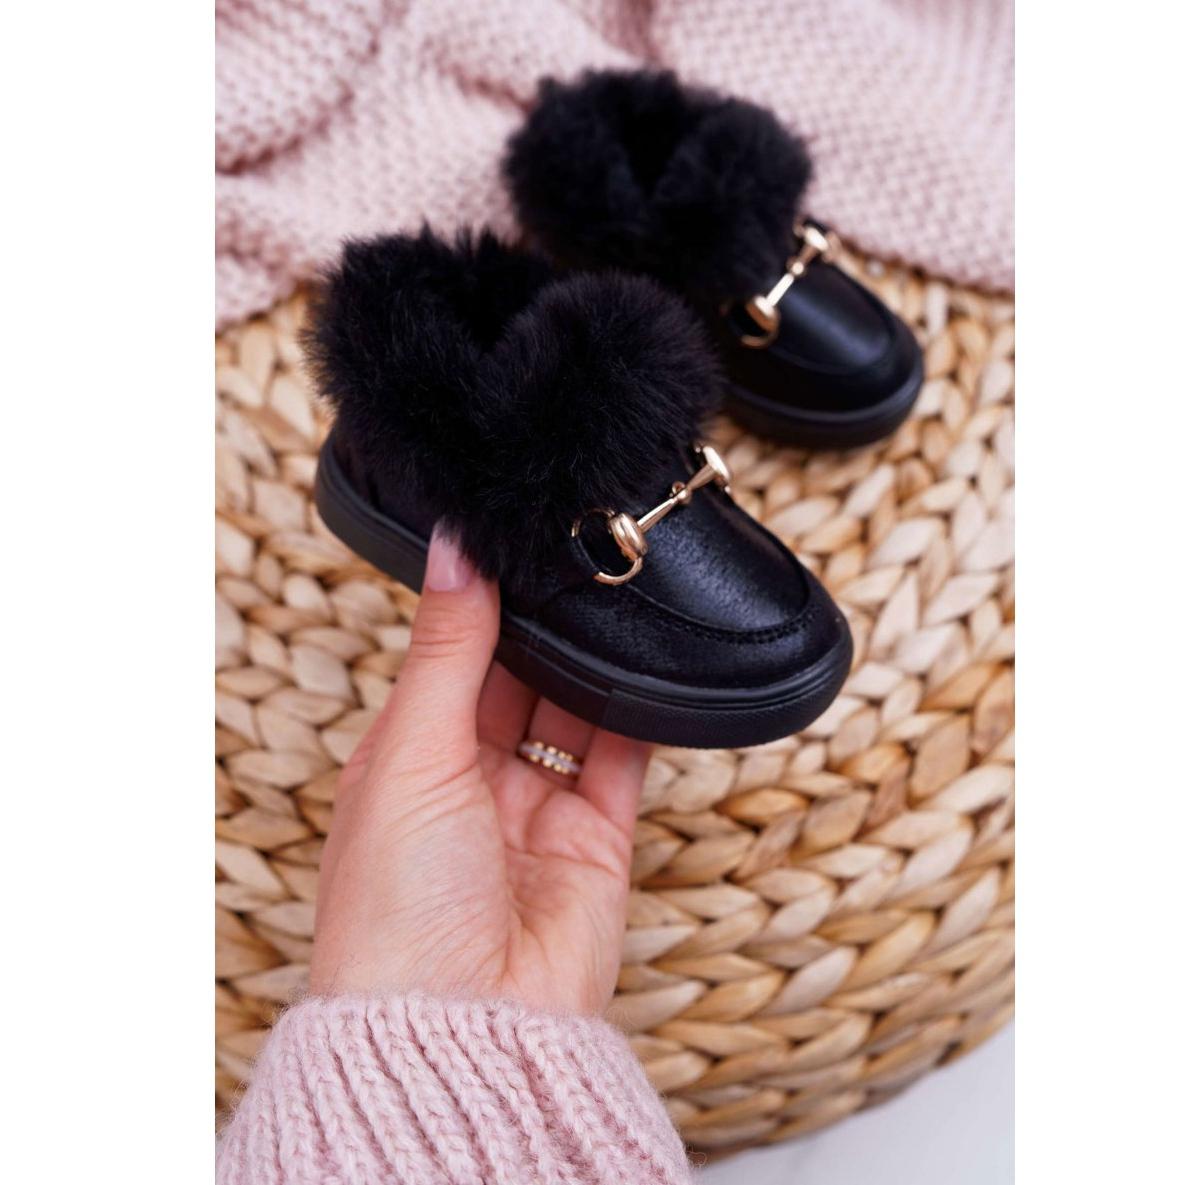 Meleg fekete, divatos gyerek cipők, szőrme